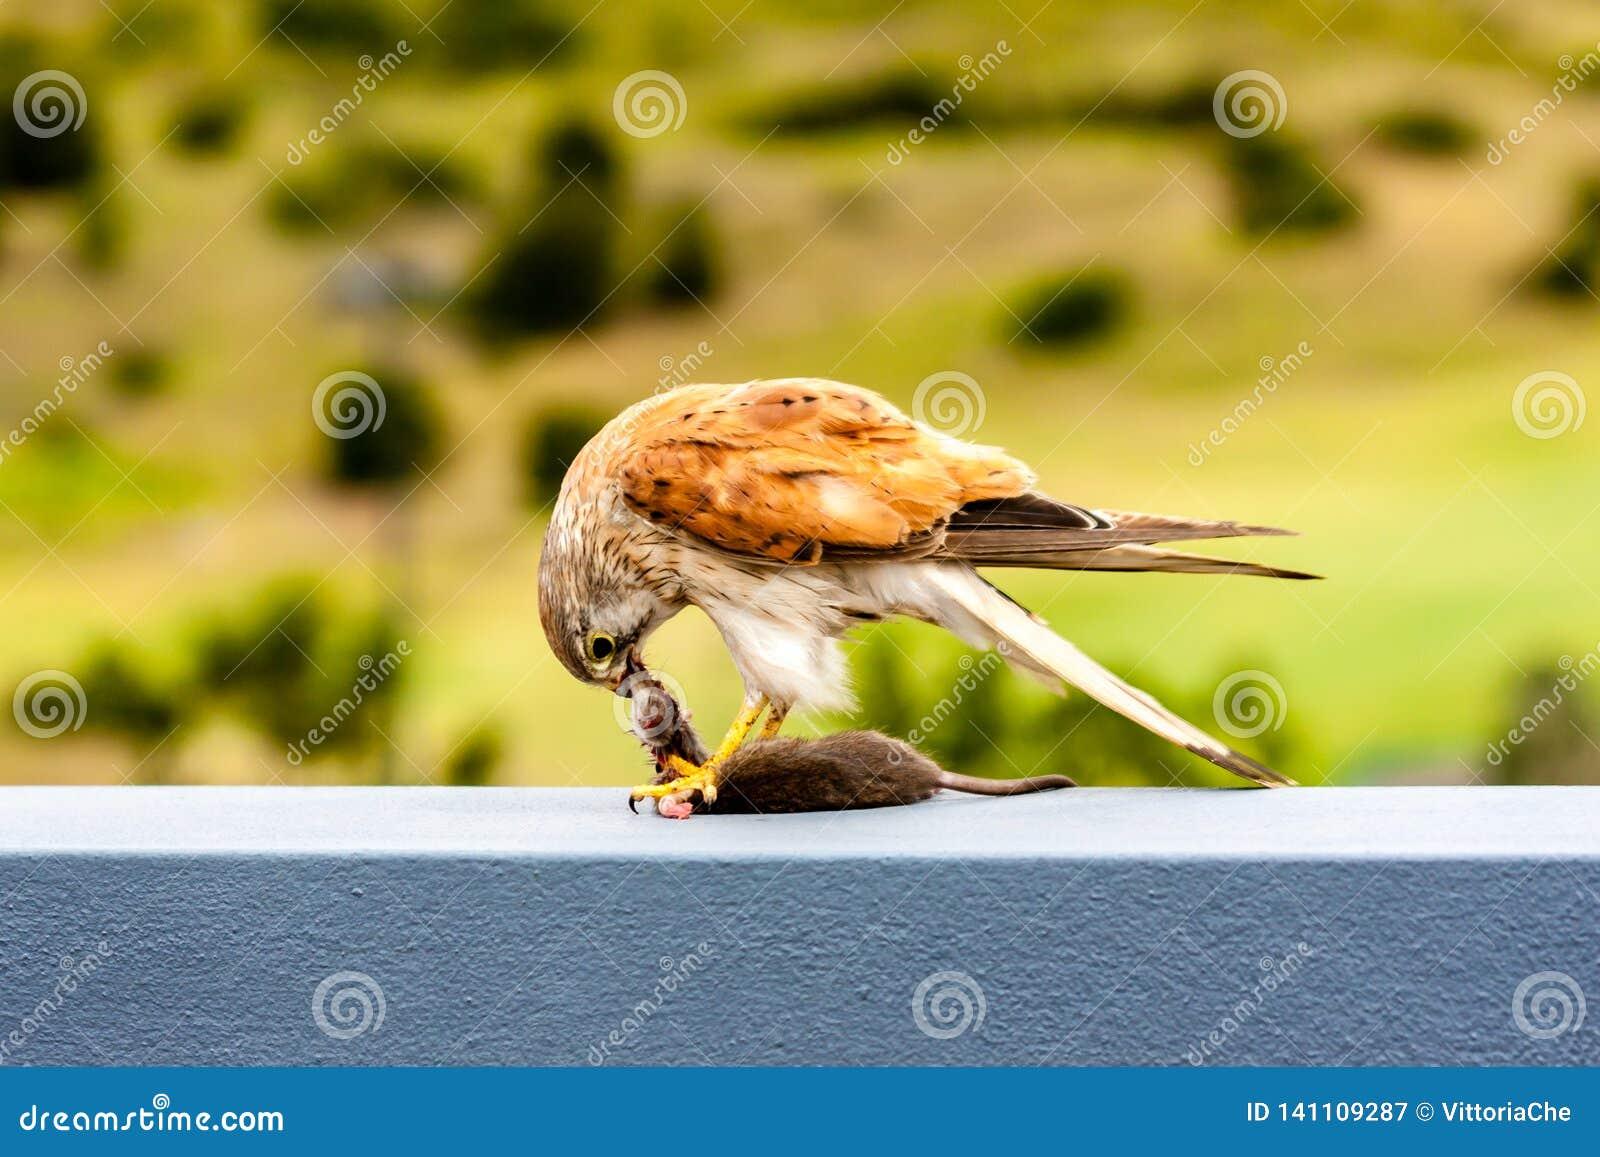 Australian kestrel Nankeen Kestrel, Falco cenchroides eating mouse